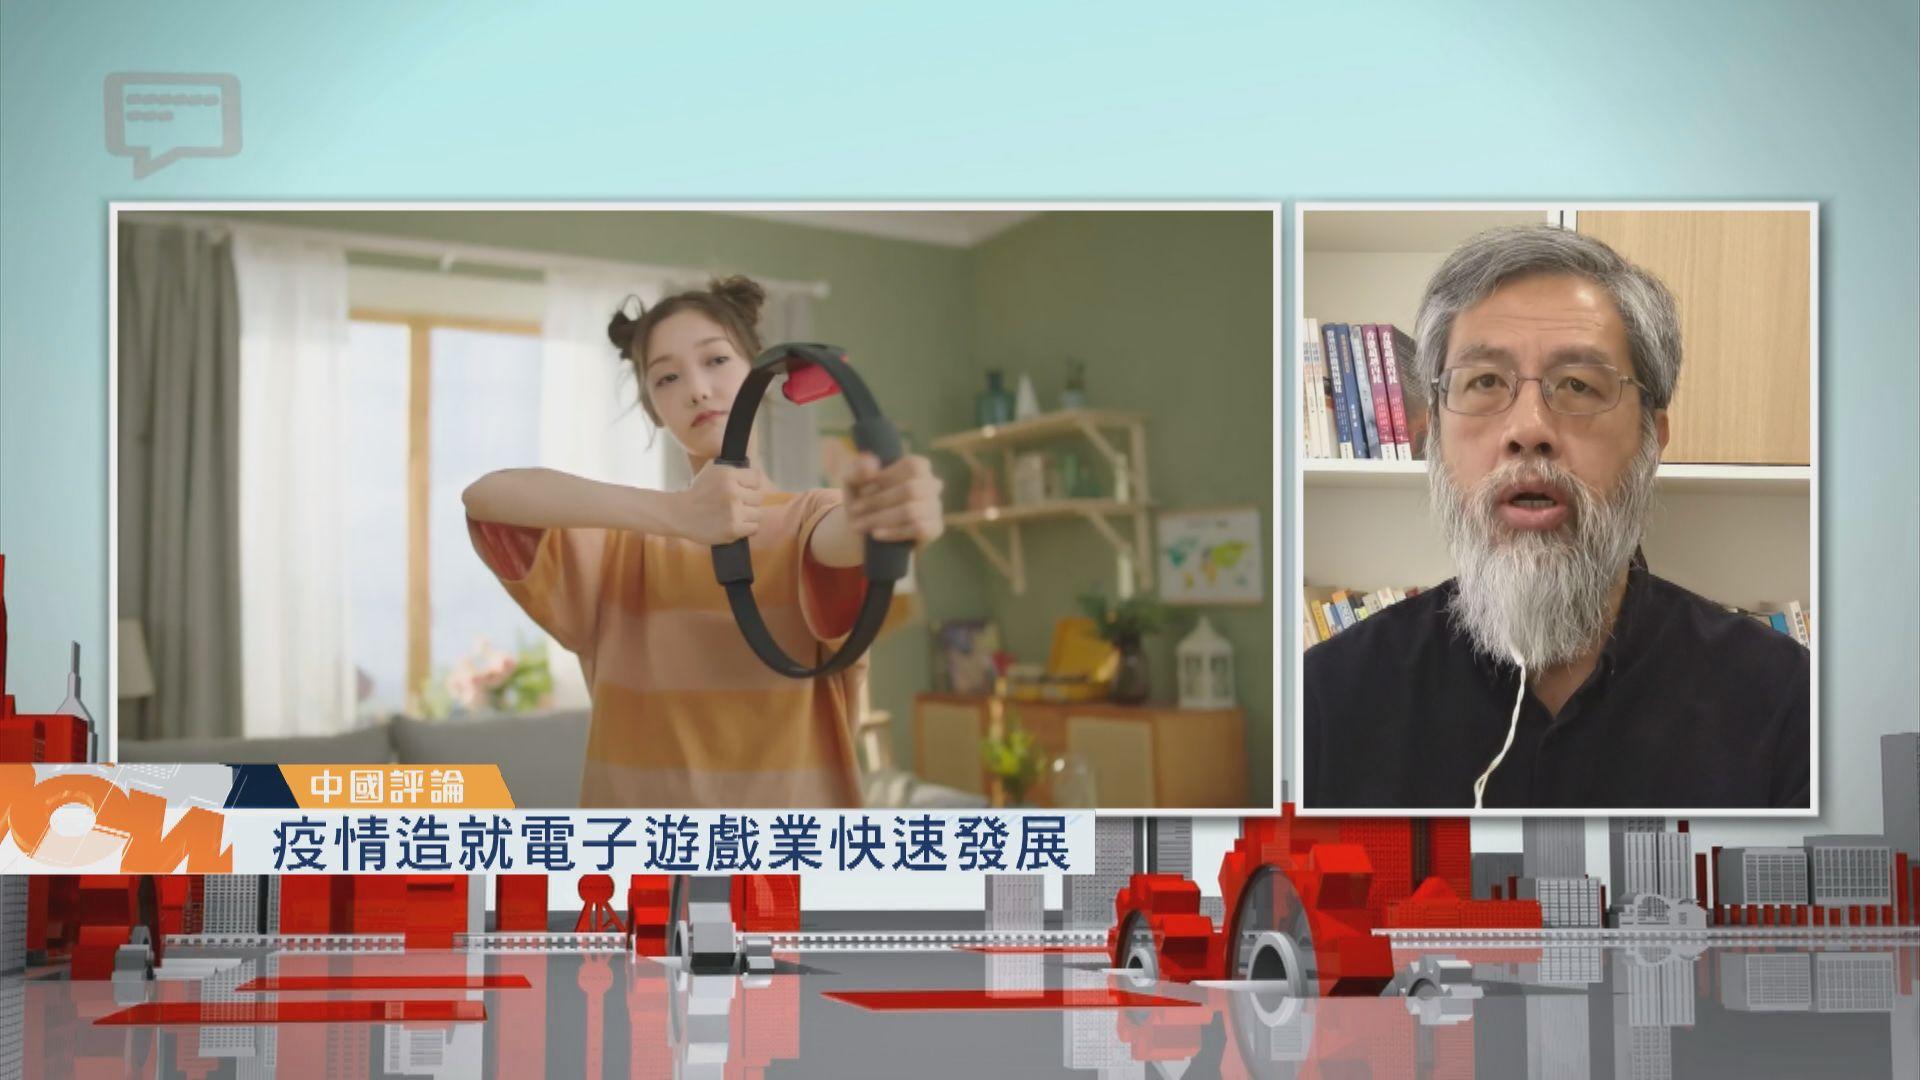 【中國評論】疫情造就電子遊戲業發展/廣州五年規劃